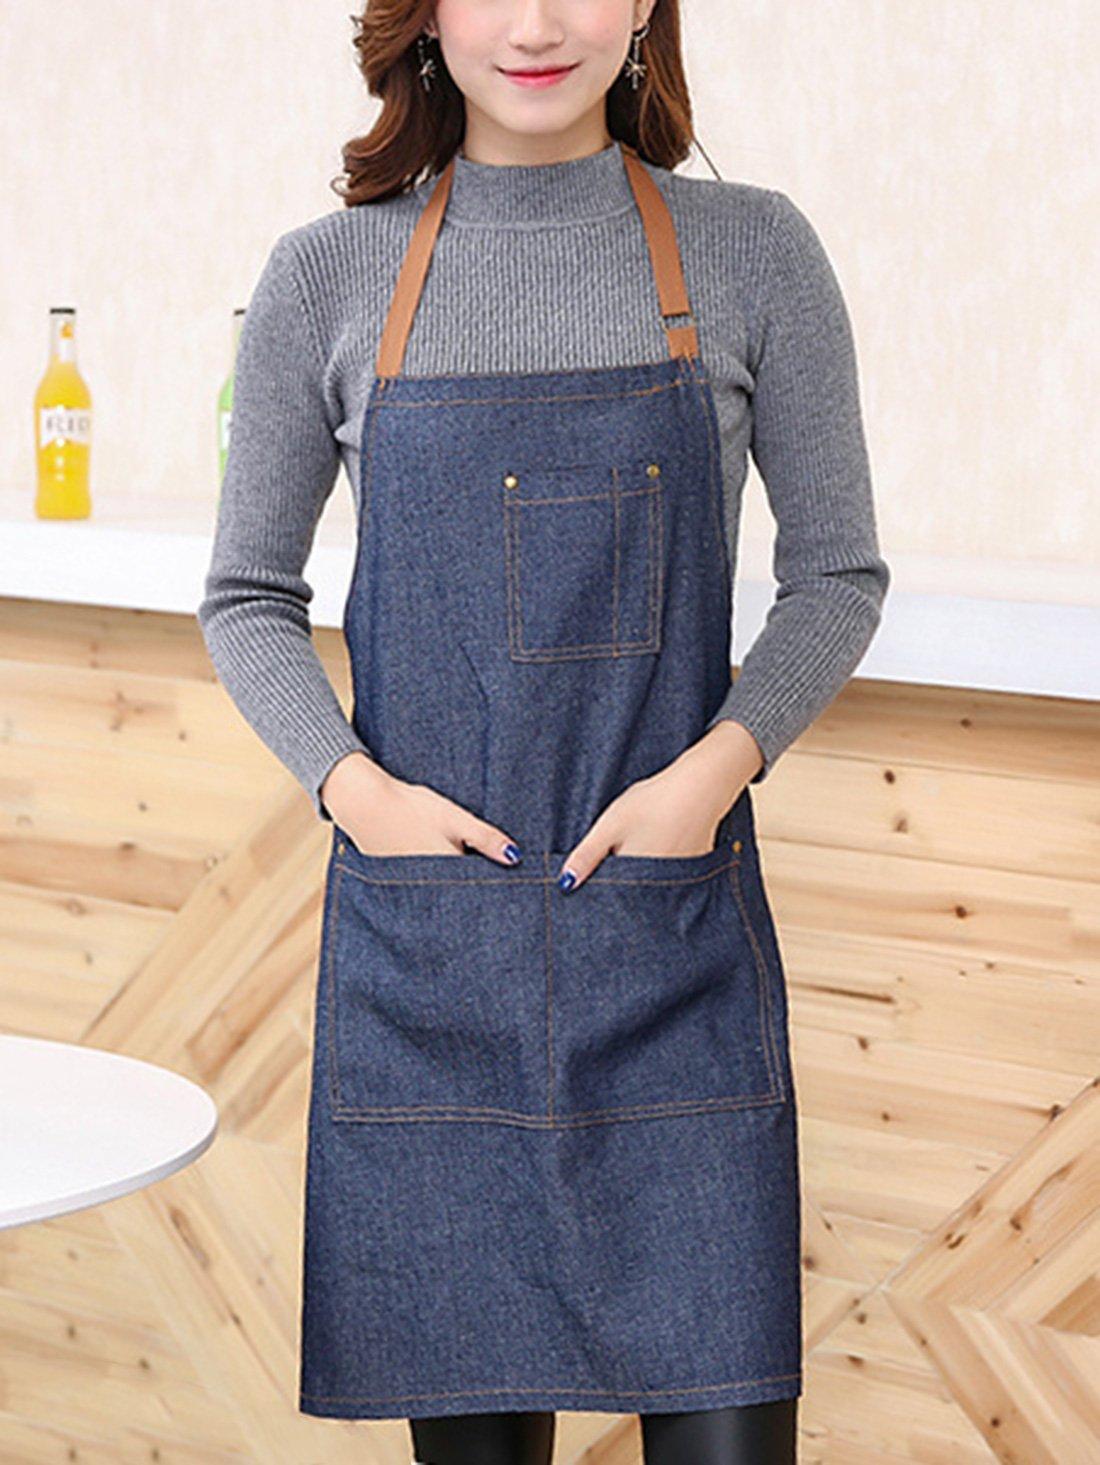 ecae4f08d1e Aivtalk - Delantal Cocina Demin Delantal de Trabajo con Bolsillos para  Cocinero Camarero Servidor - Azul Vaquero: Amazon.es: Hogar